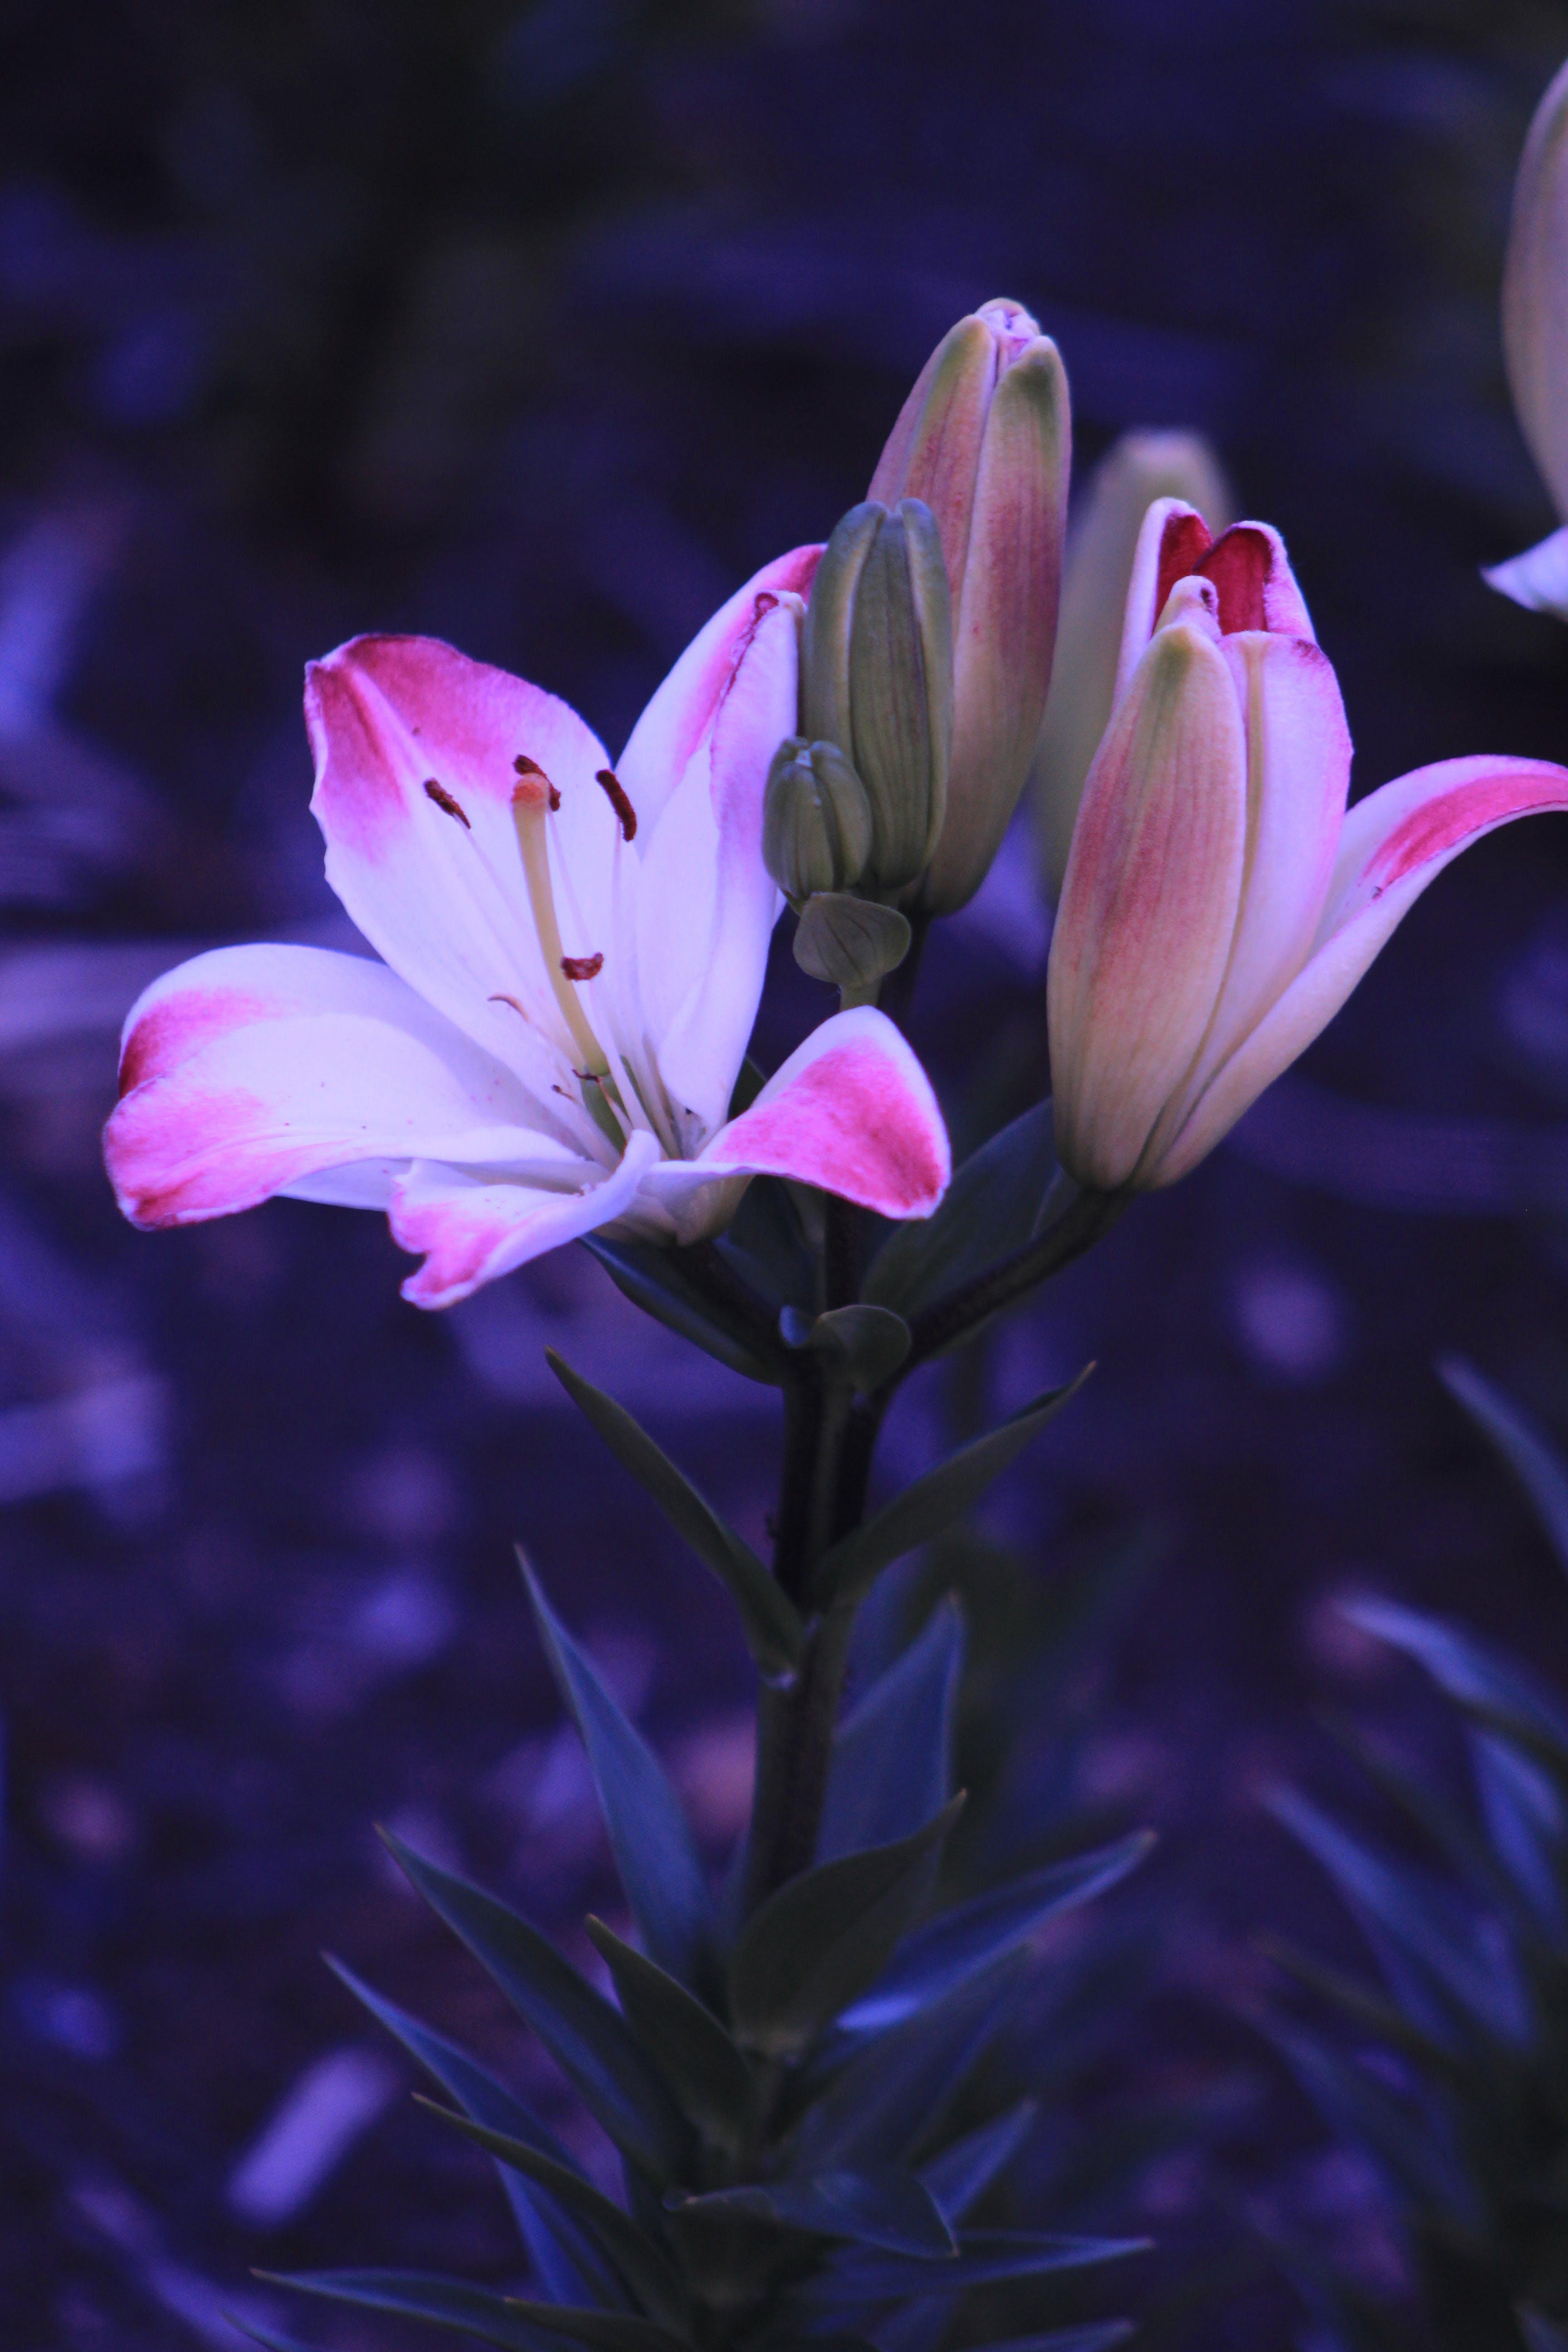 คลังภาพถ่ายฟรี ของ กลีบดอก, กล้วยไม้, ดอกไม้, พฤกษา